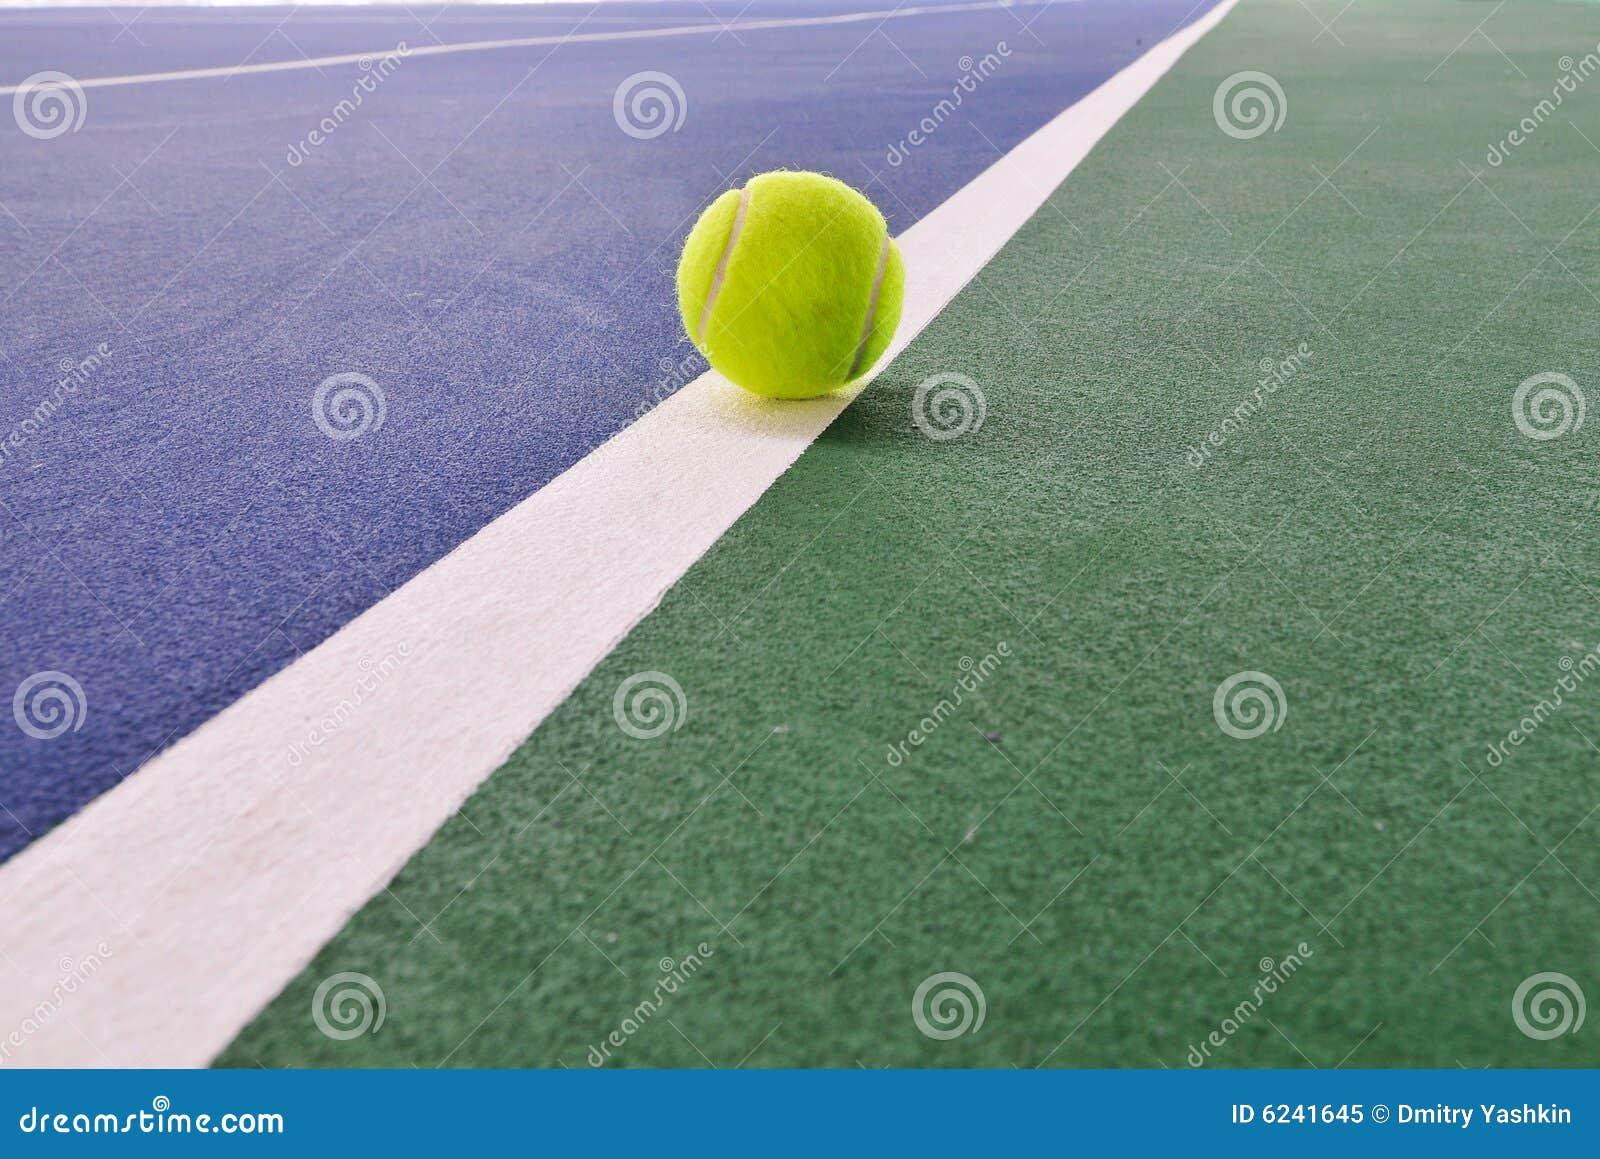 Tenniskugel auf dem Tennisgericht